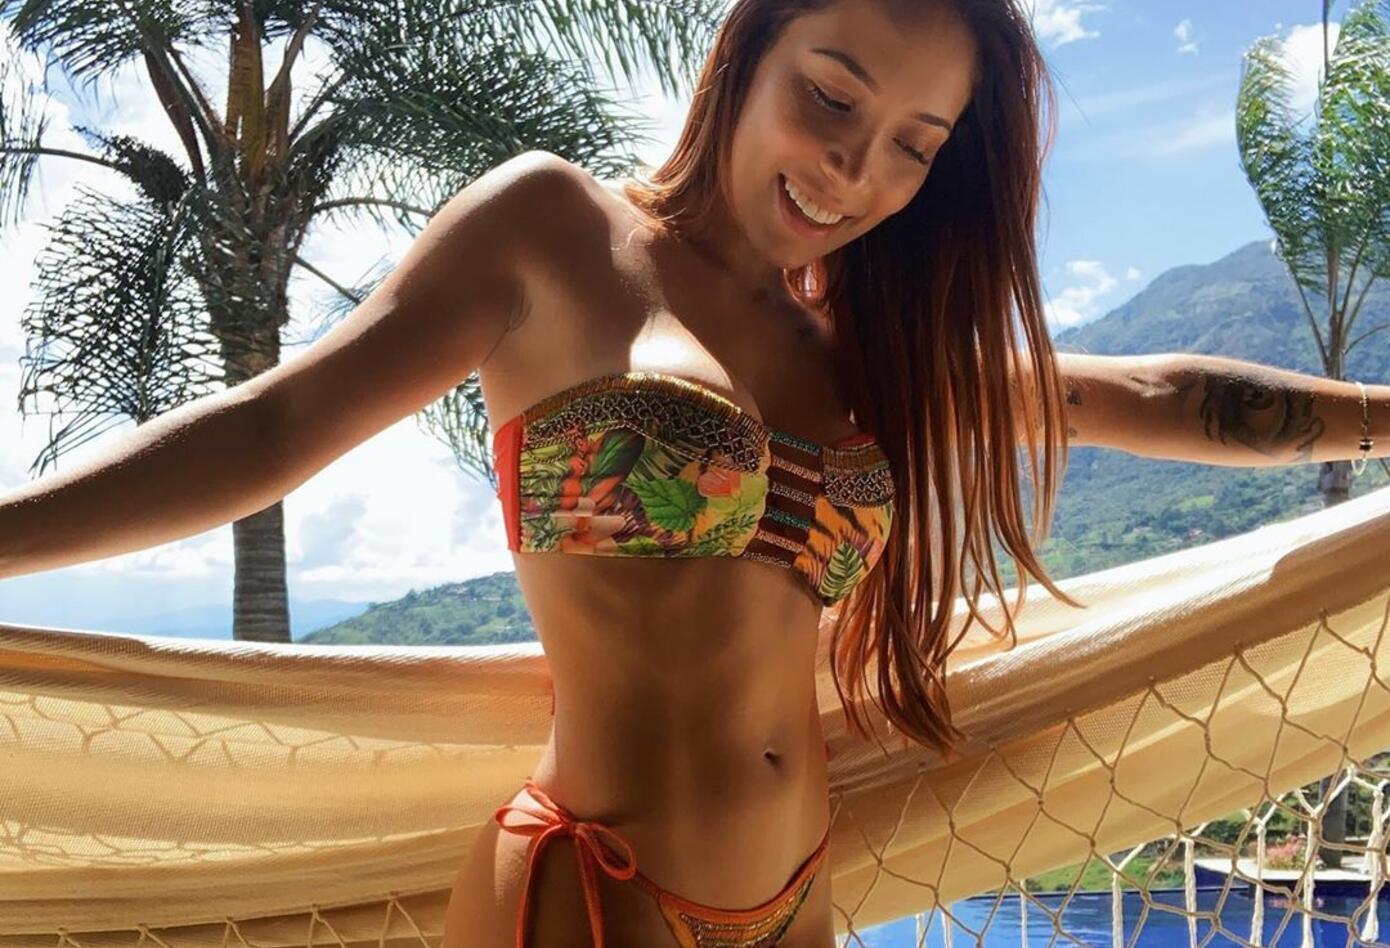 Luisa Fernanda W ha dicho que en su juventud le costó mucho encontrar su identidad.